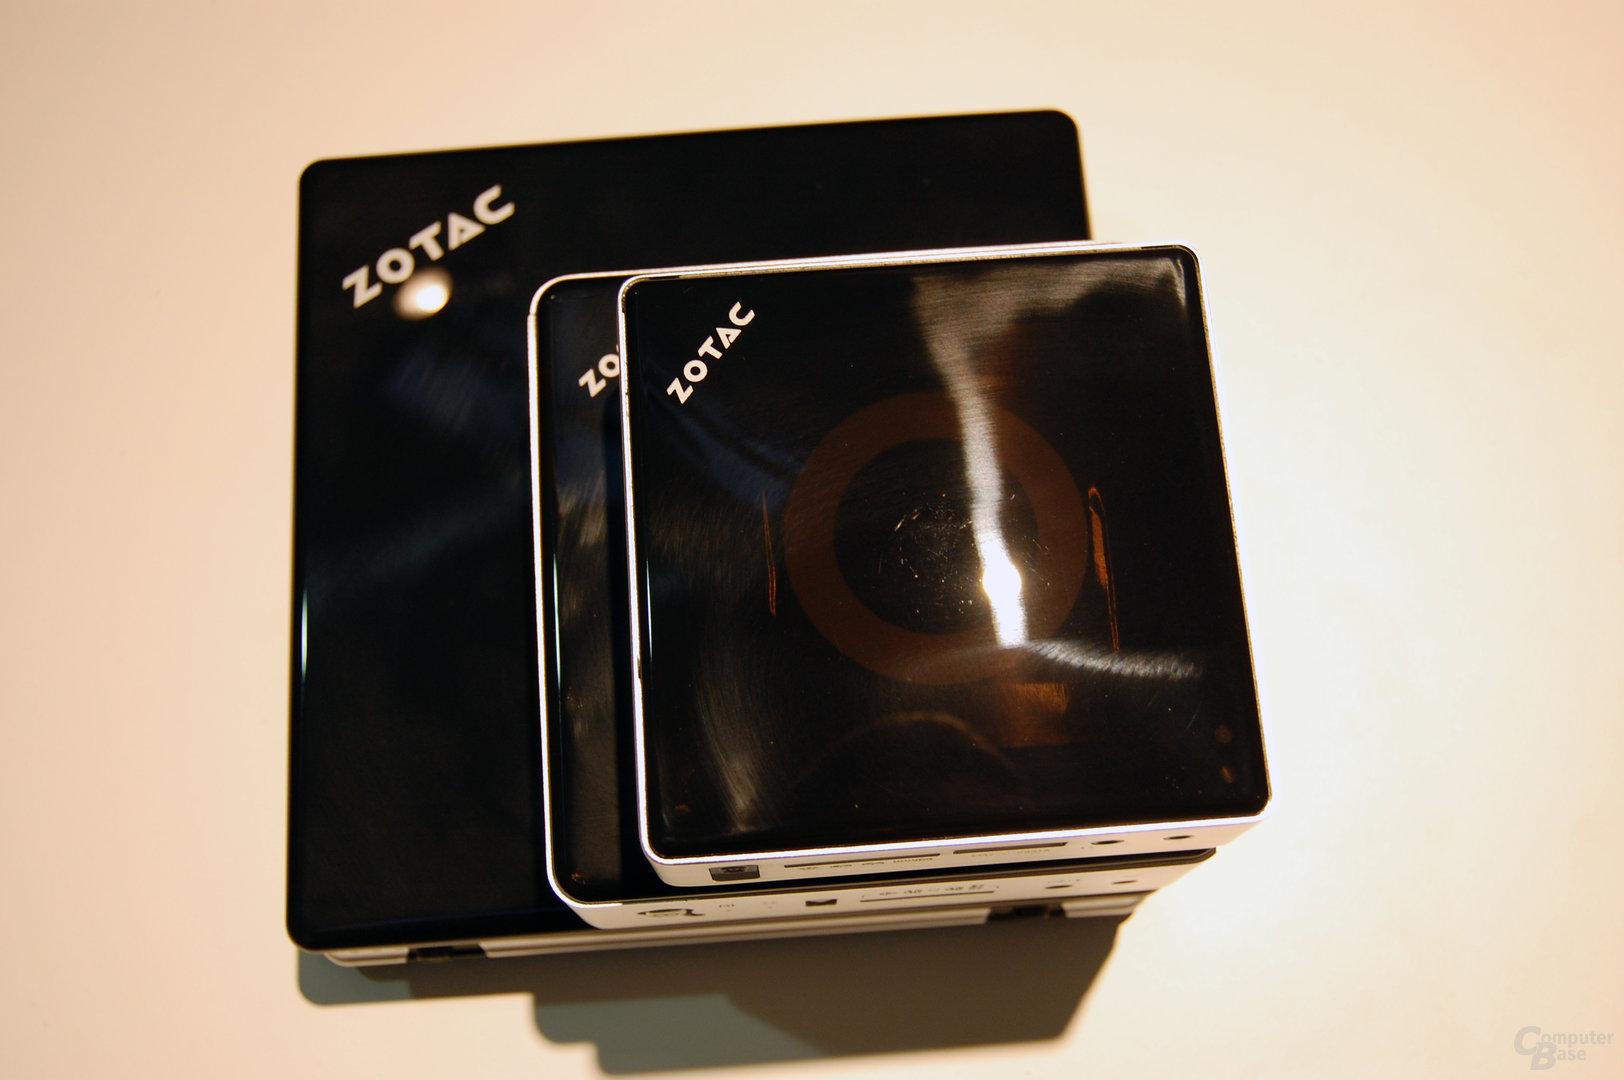 Neue ZBox im Verlgeich zur Zbox nano und Zbox